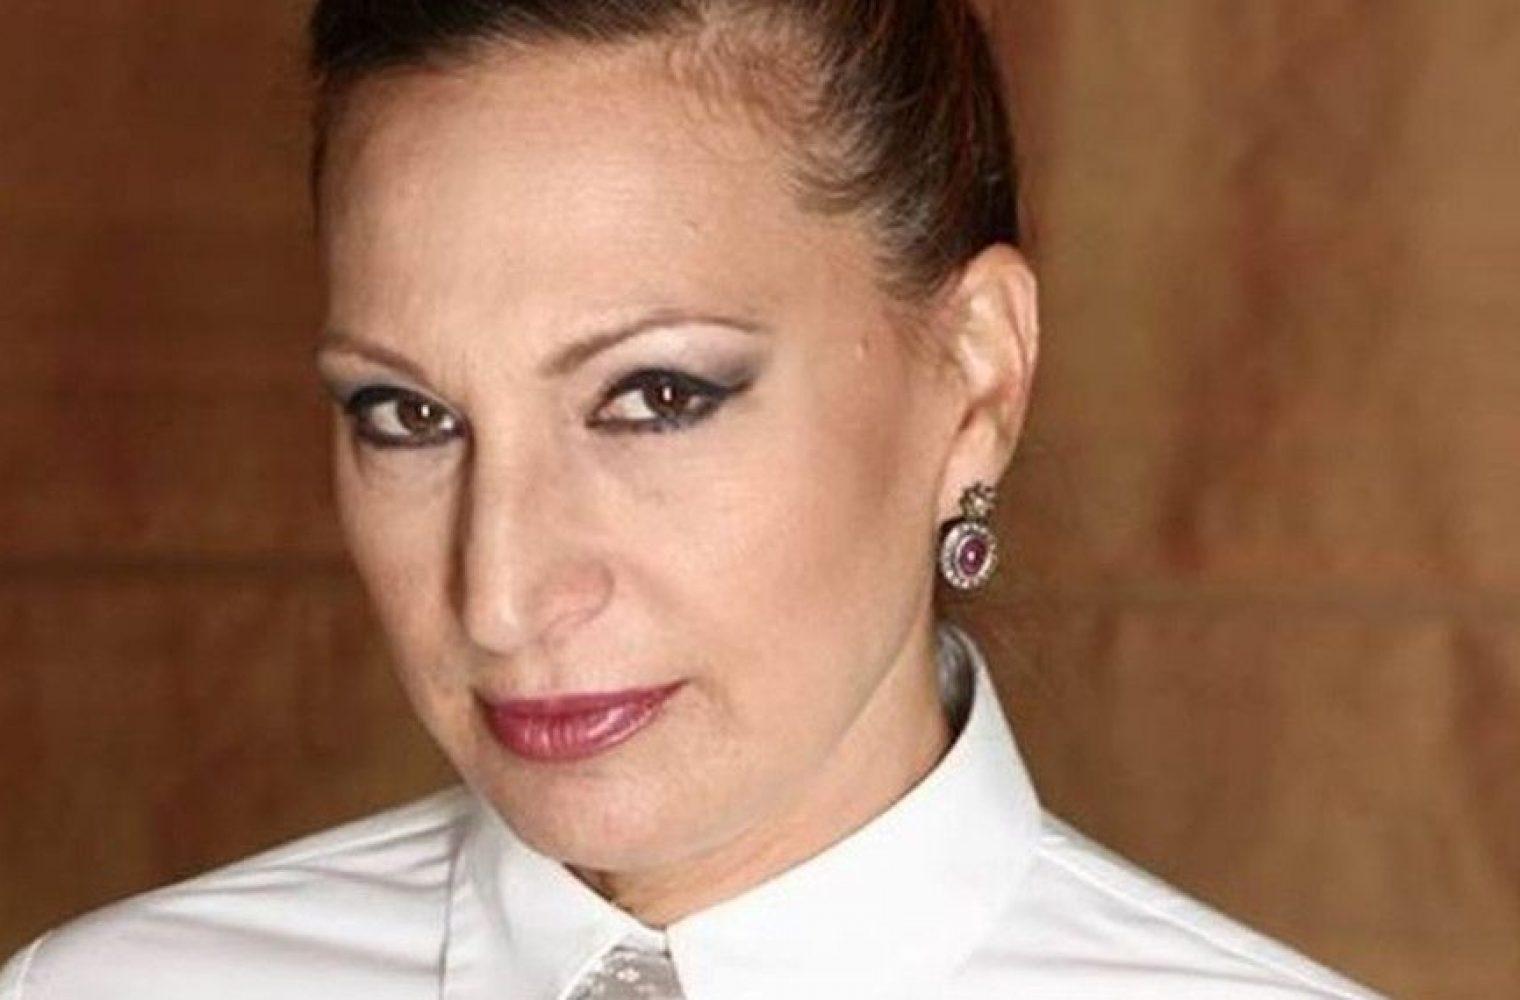 Ελένη Τζώρτζη για Πέτρο Φιλιππίδη: «Αισχρός τσόγλανος και γλίτσας! Η κόκα είναι κακό φάρμακο»